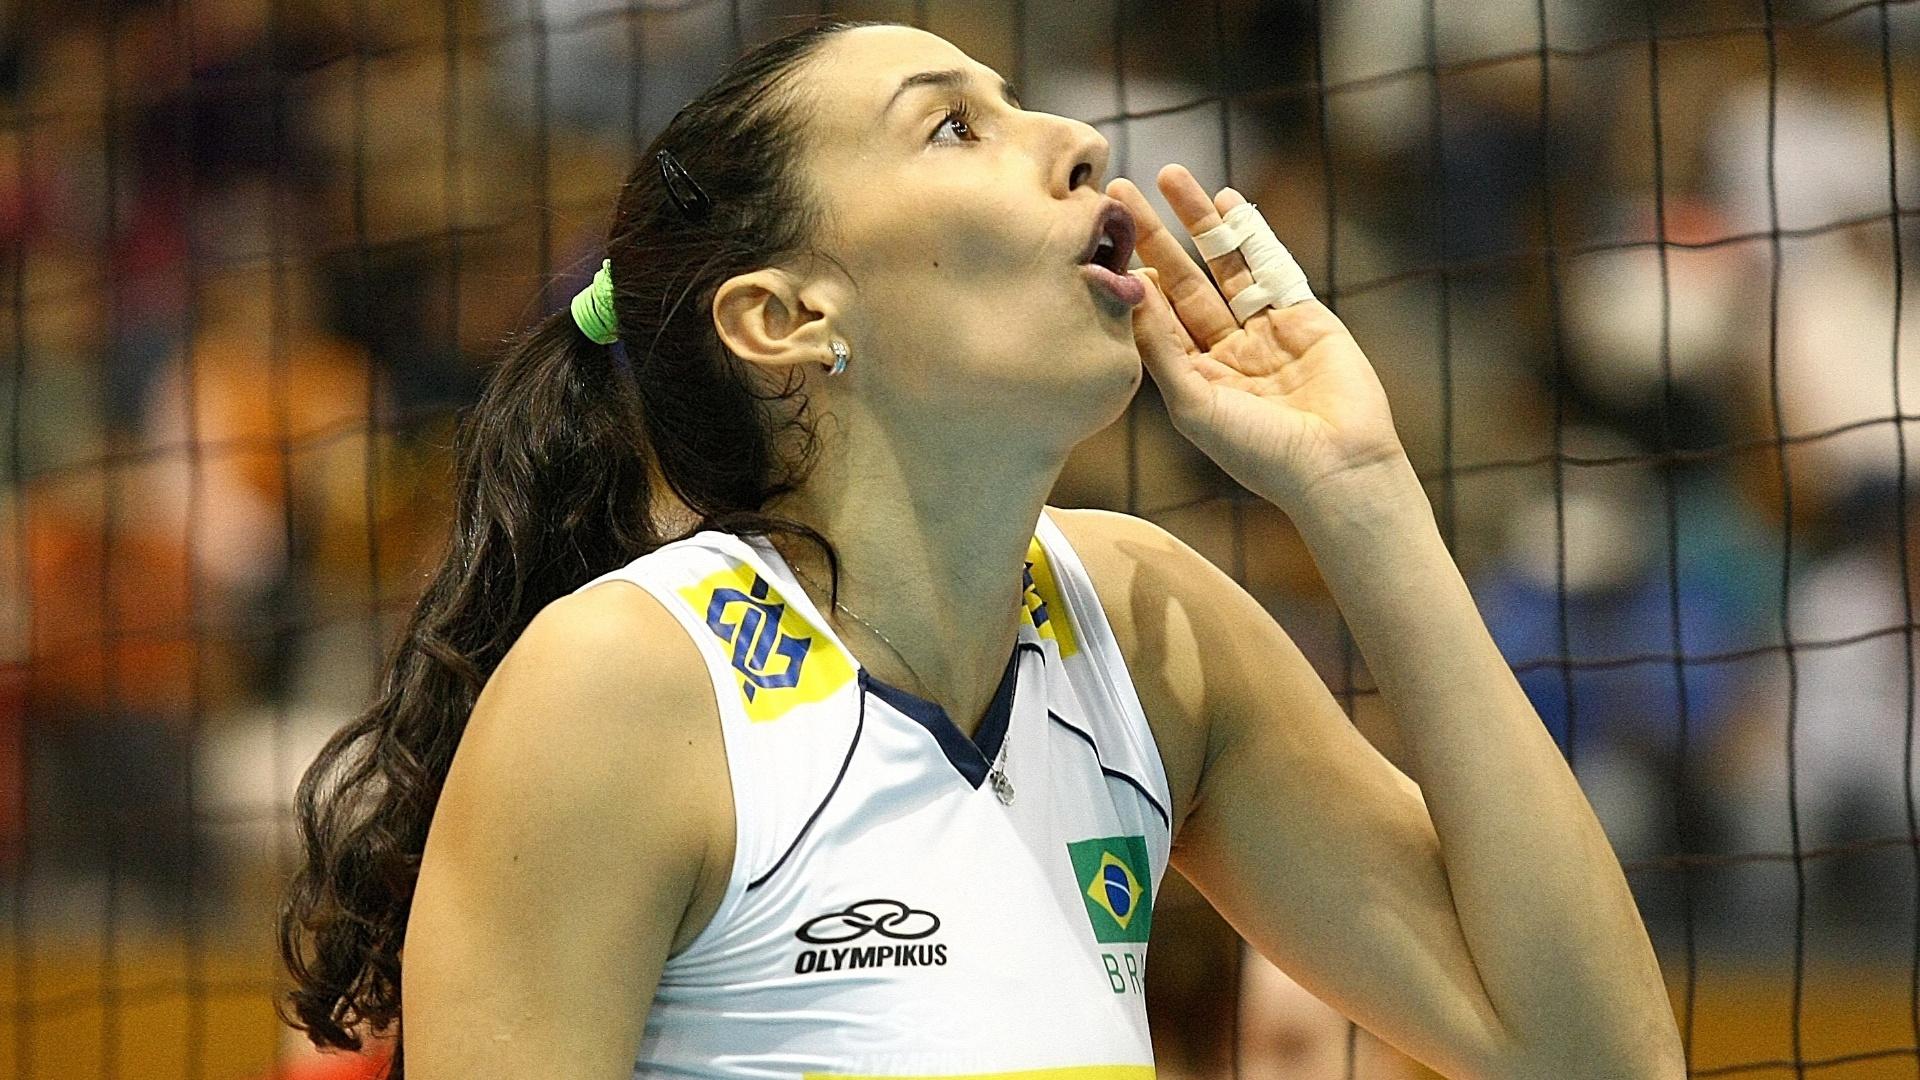 Sheilla reclama com a arbitragem durante a vitória do Brasil contra a Alemanha pela Copa do Mundo de vôlei (06/11/11)